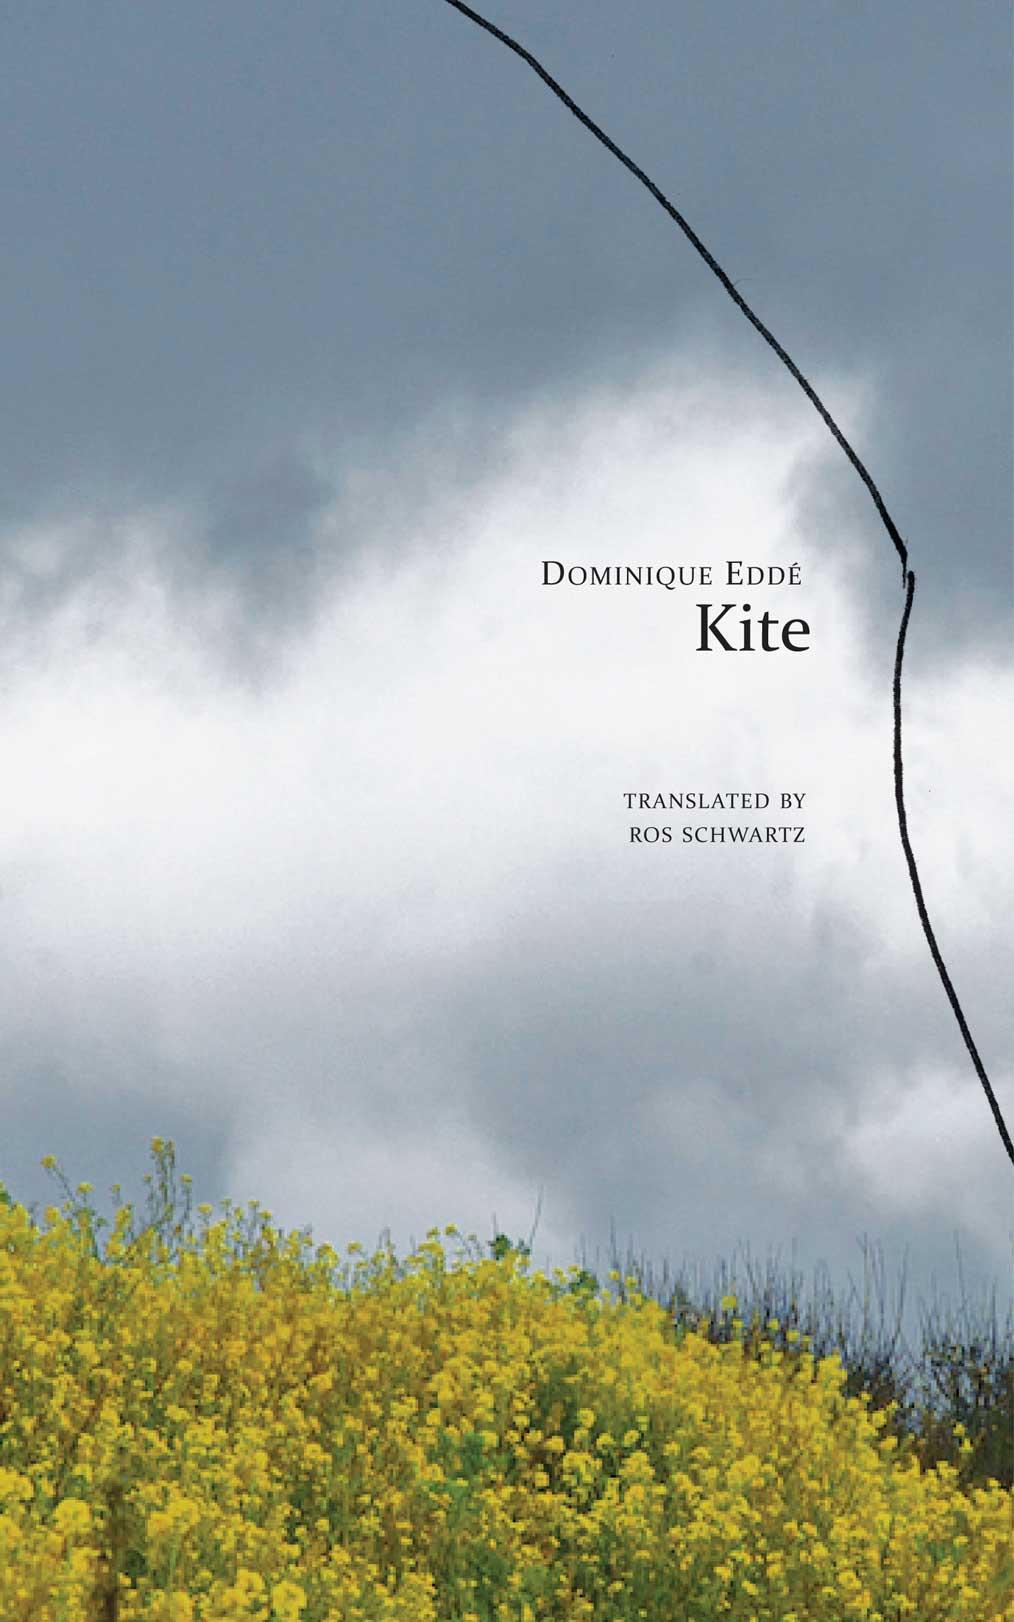 Kite by Dominique Eddé | Seagull Books